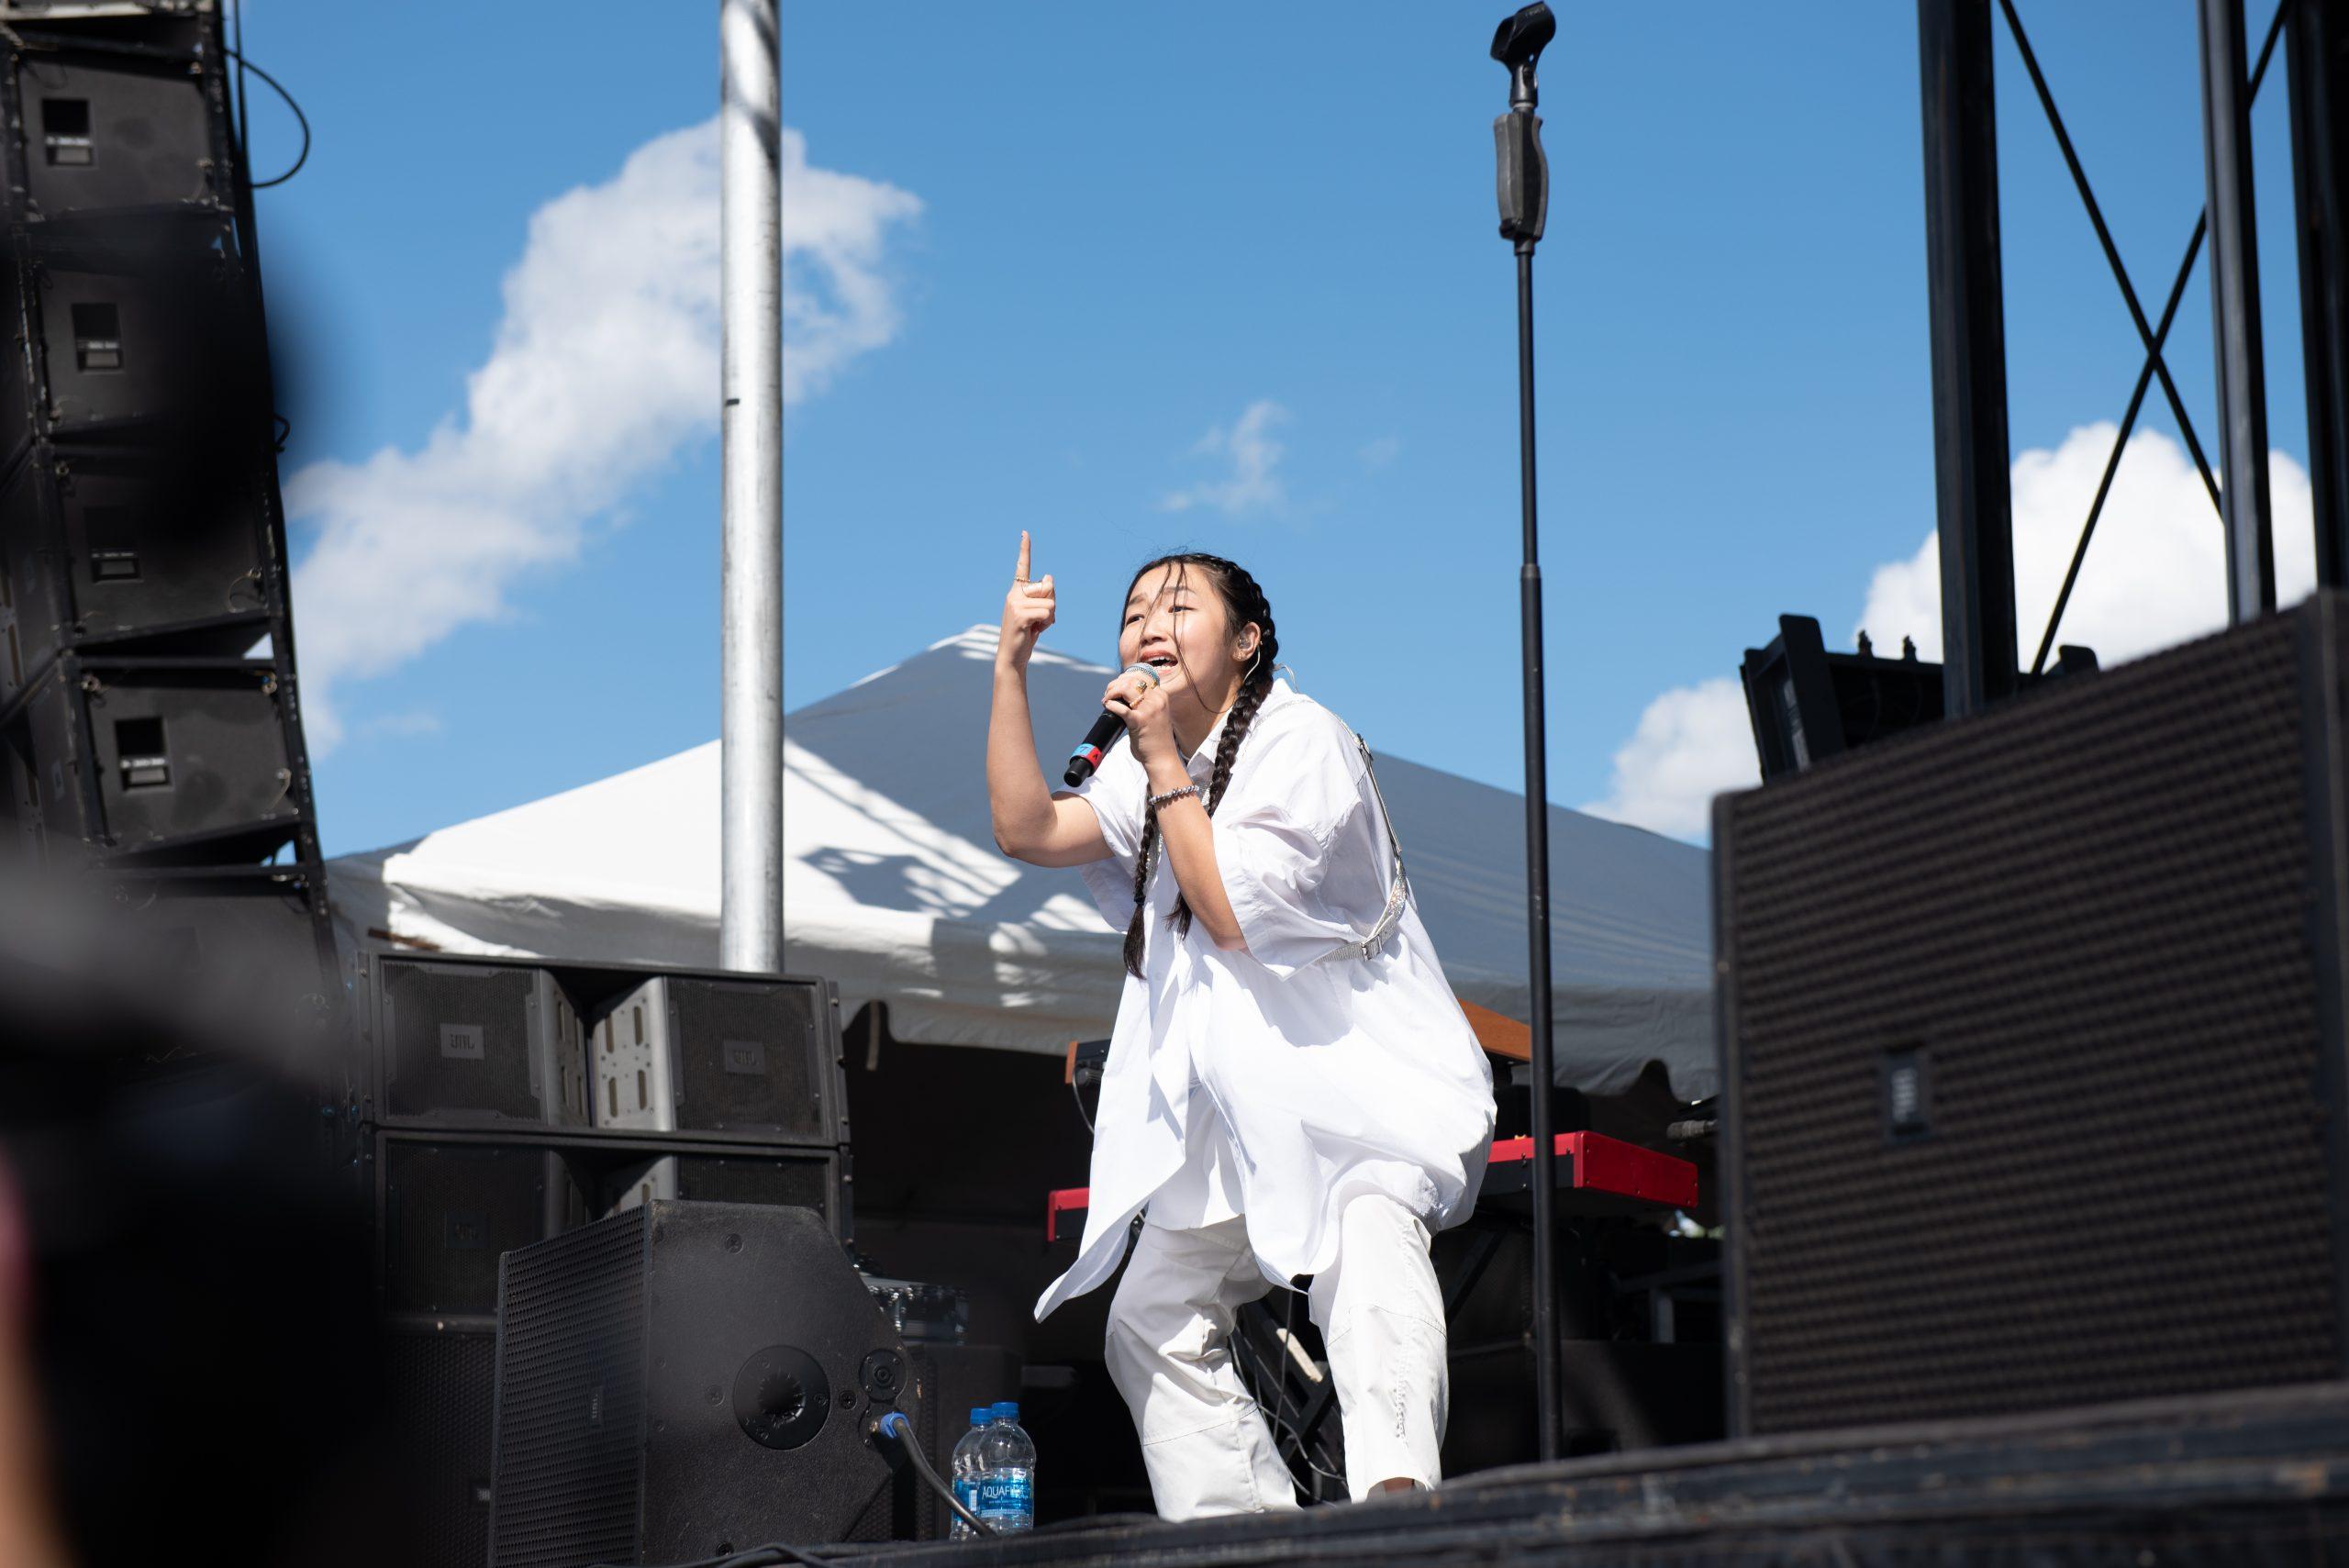 Audrey Nuna performing at Juice Jam 2021